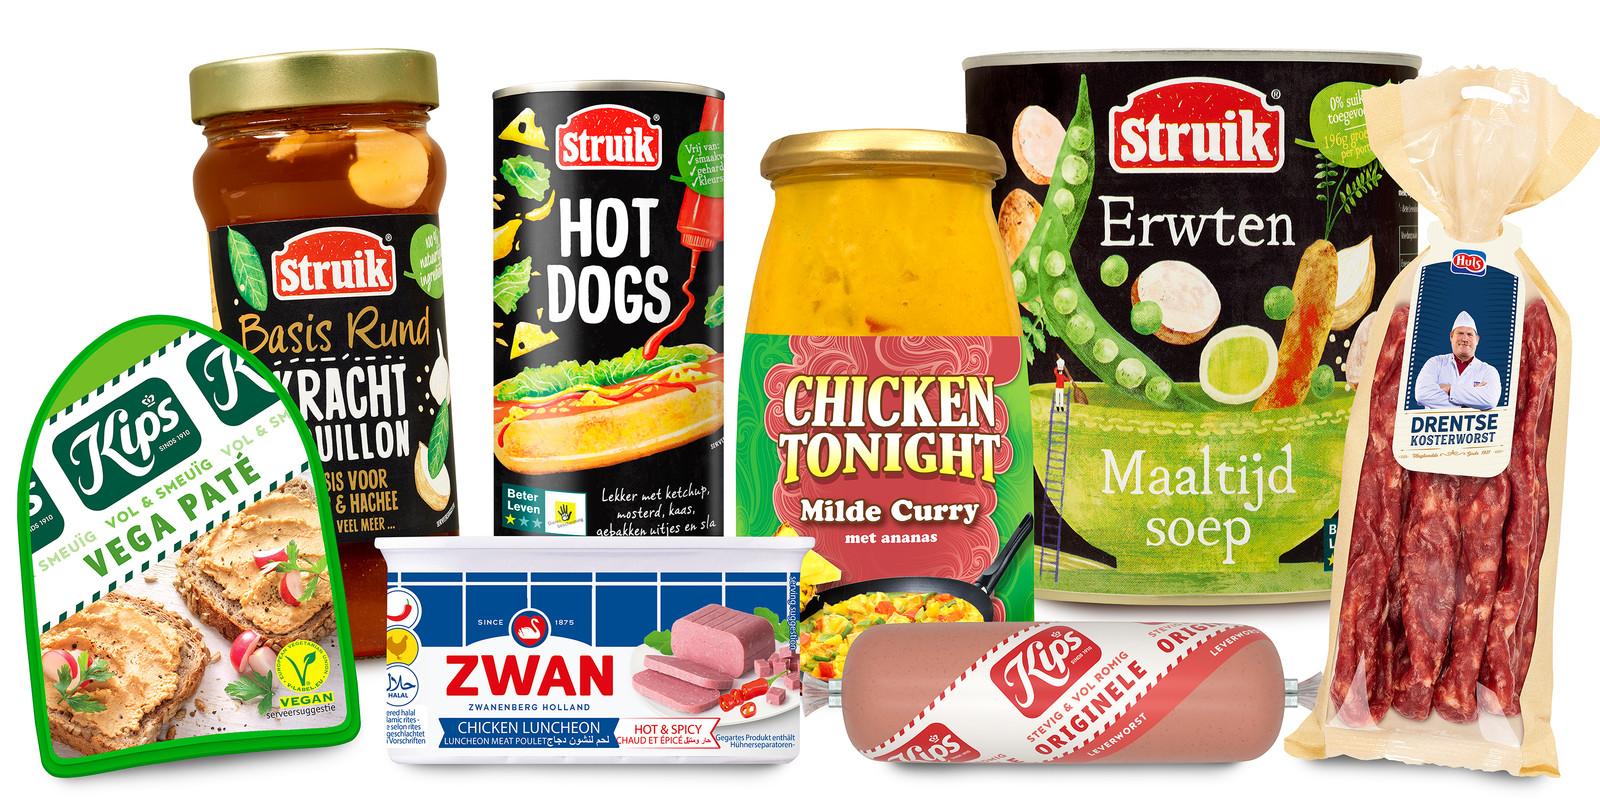 Het assortiment van de gefuseerde producenten Zwanenberg en Struik bevat veel bekende merknamen.